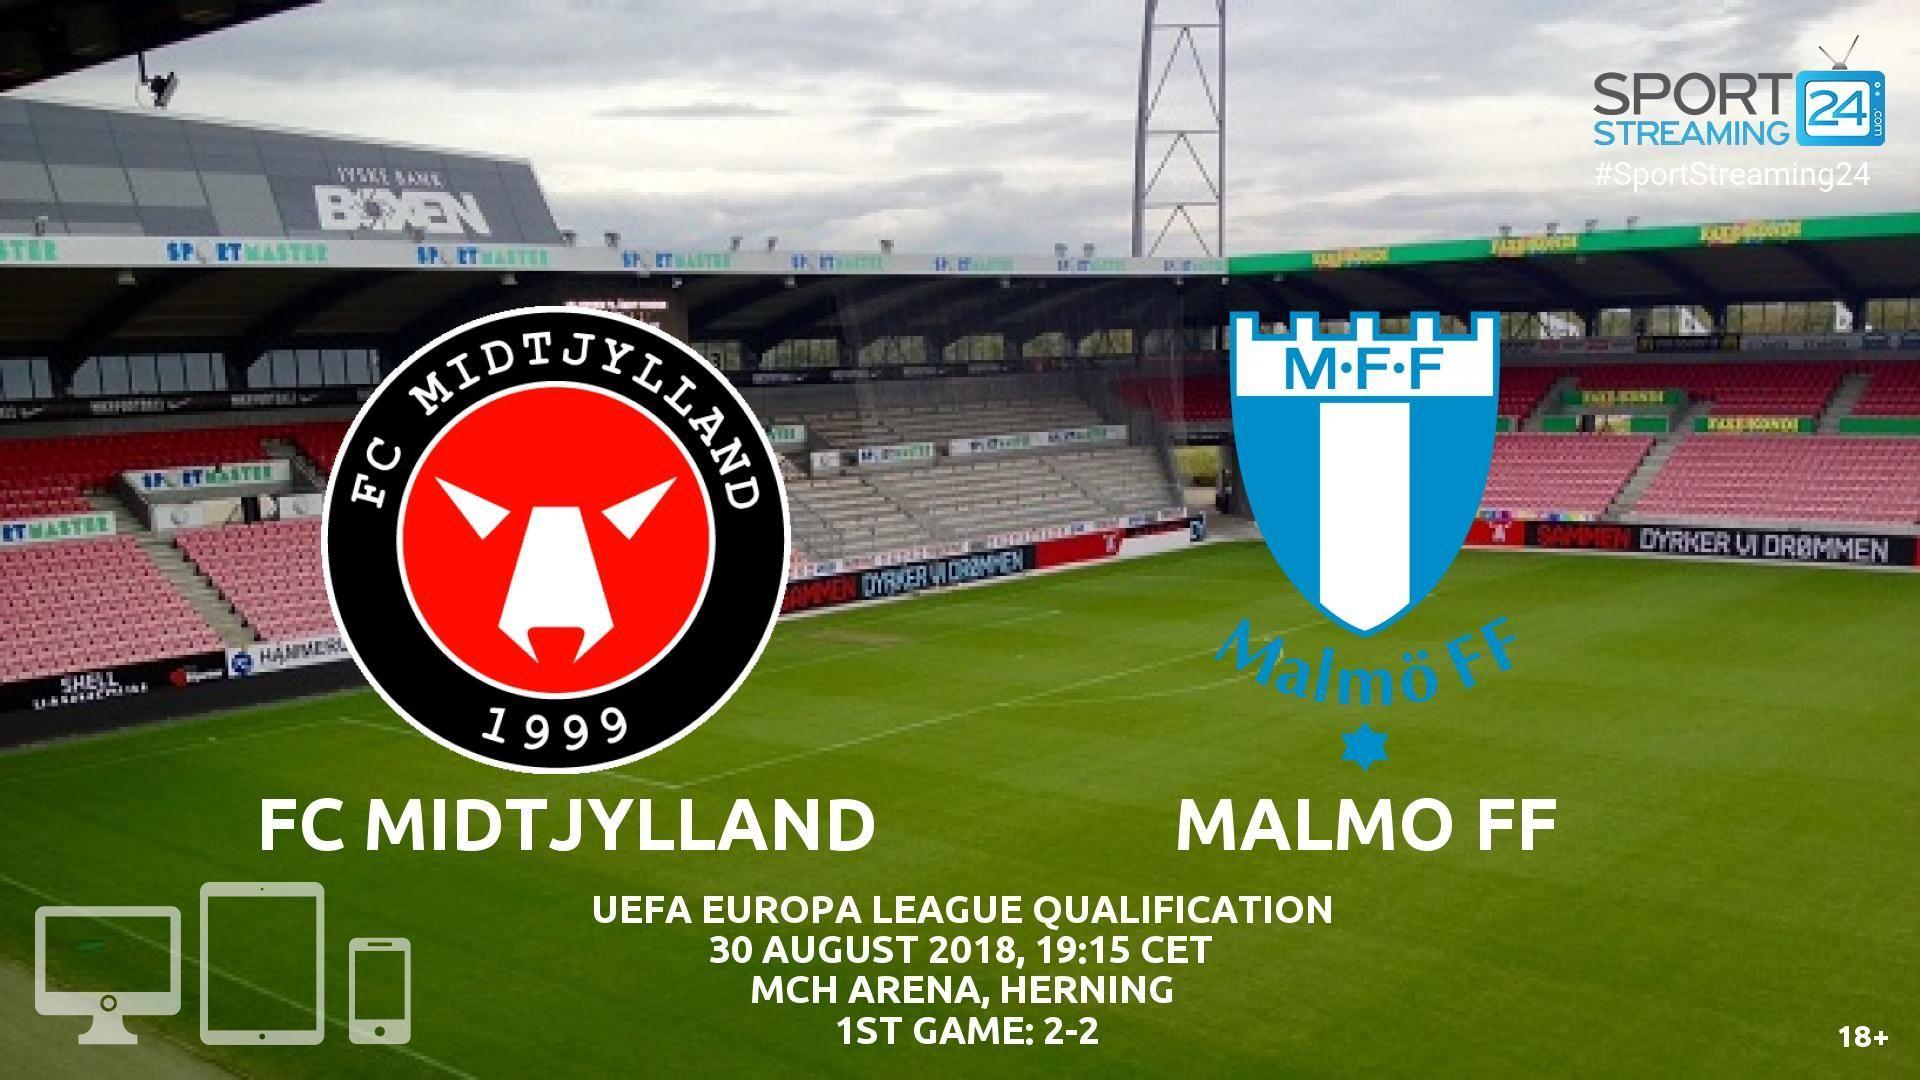 Midtjylland v Malmo FF Live Streaming Football Malmo